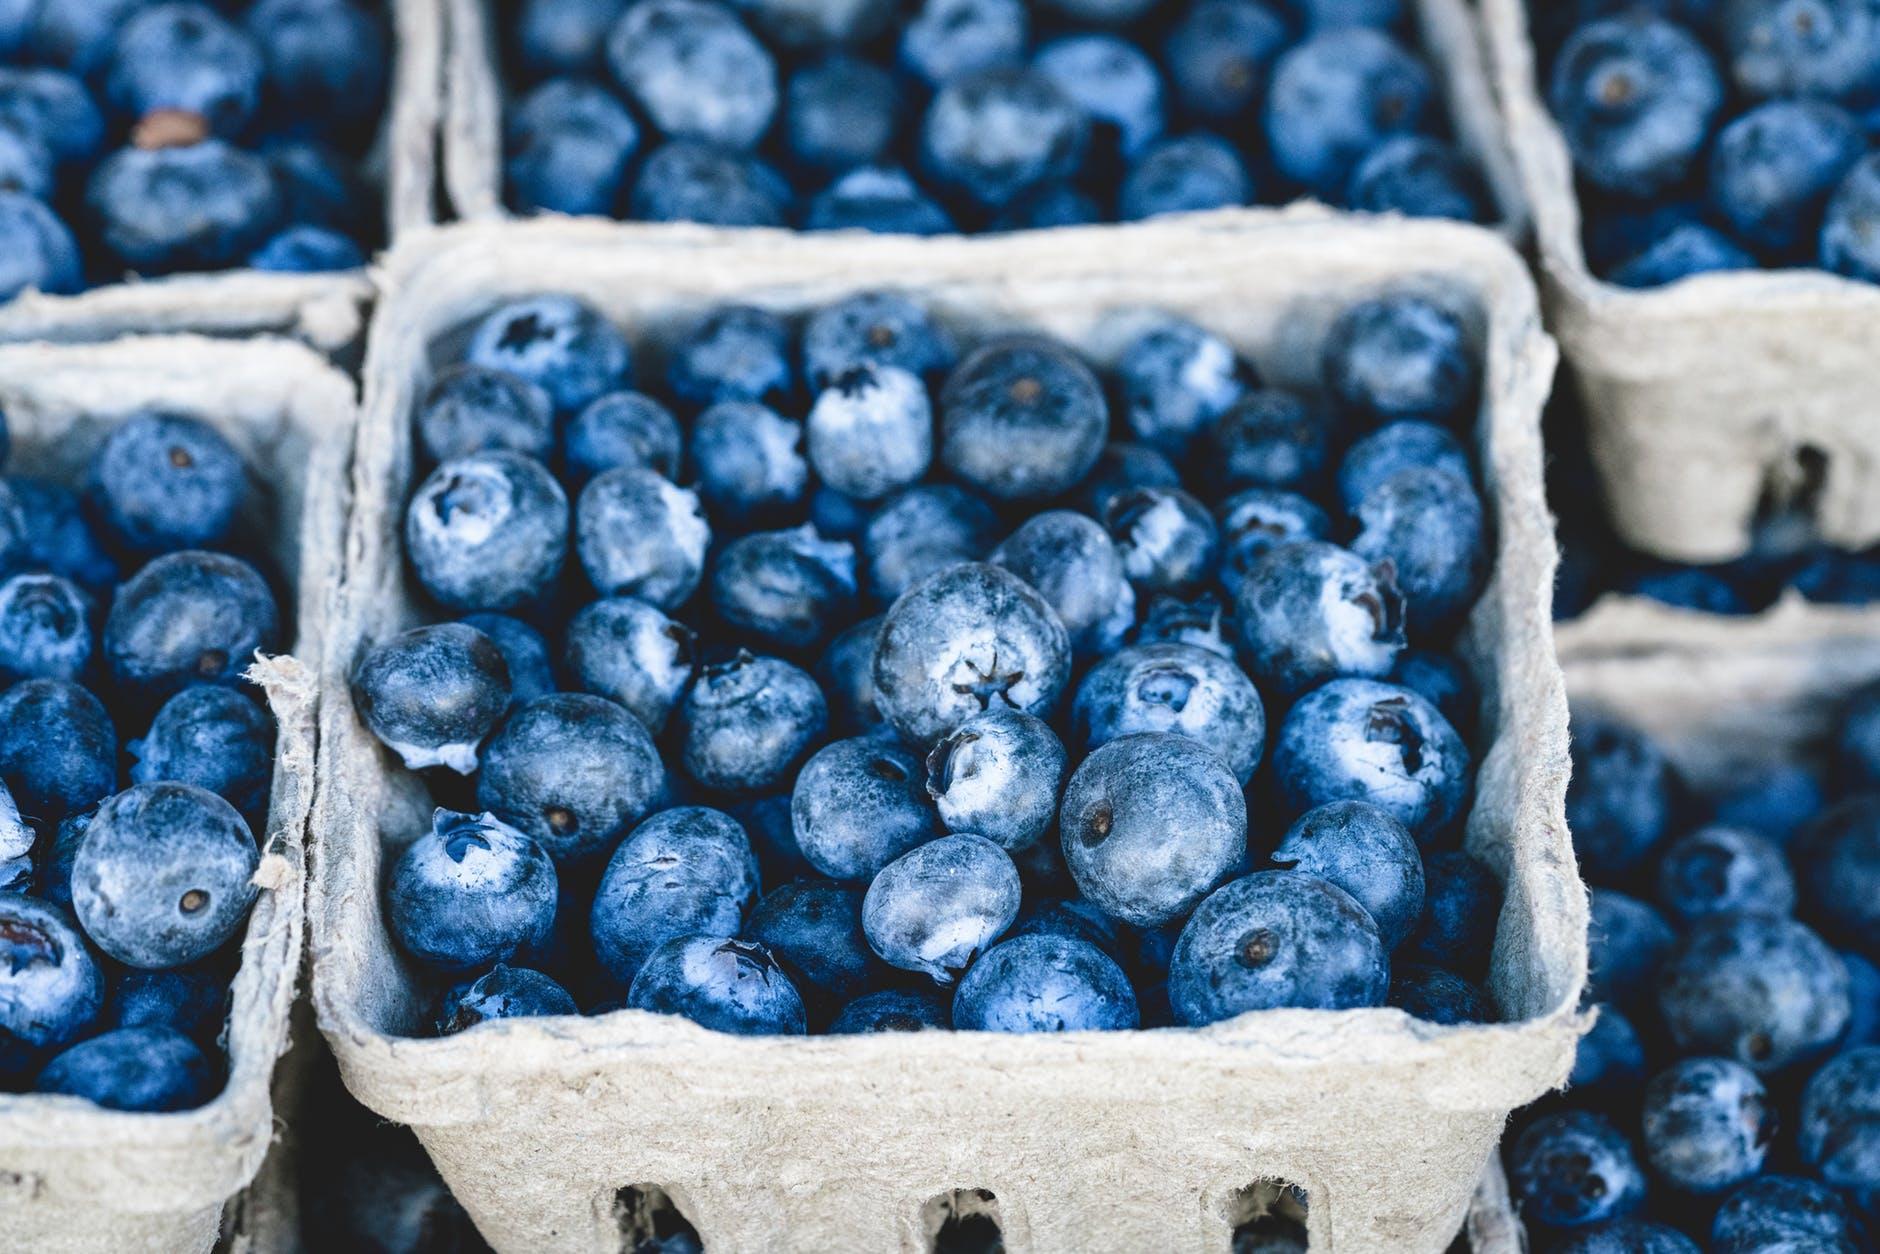 Growing blueberries in the garden, buying blueberries, blueberry nutrition and enjoying blueberries